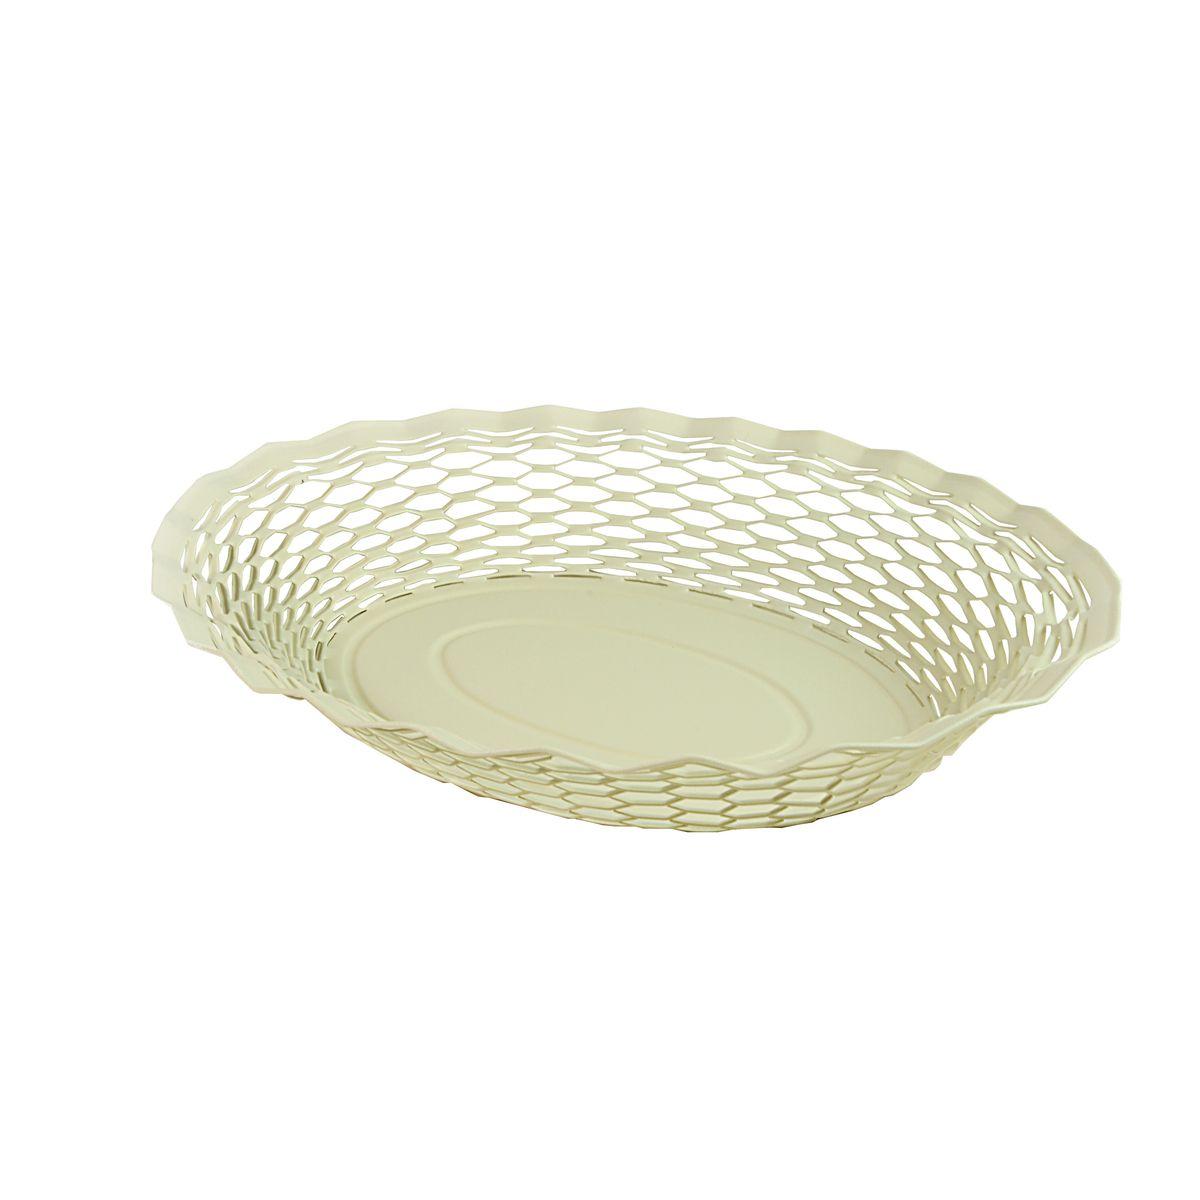 Corbeille à pain en inox blanc 30 x 24 cm - Roger Orfevre